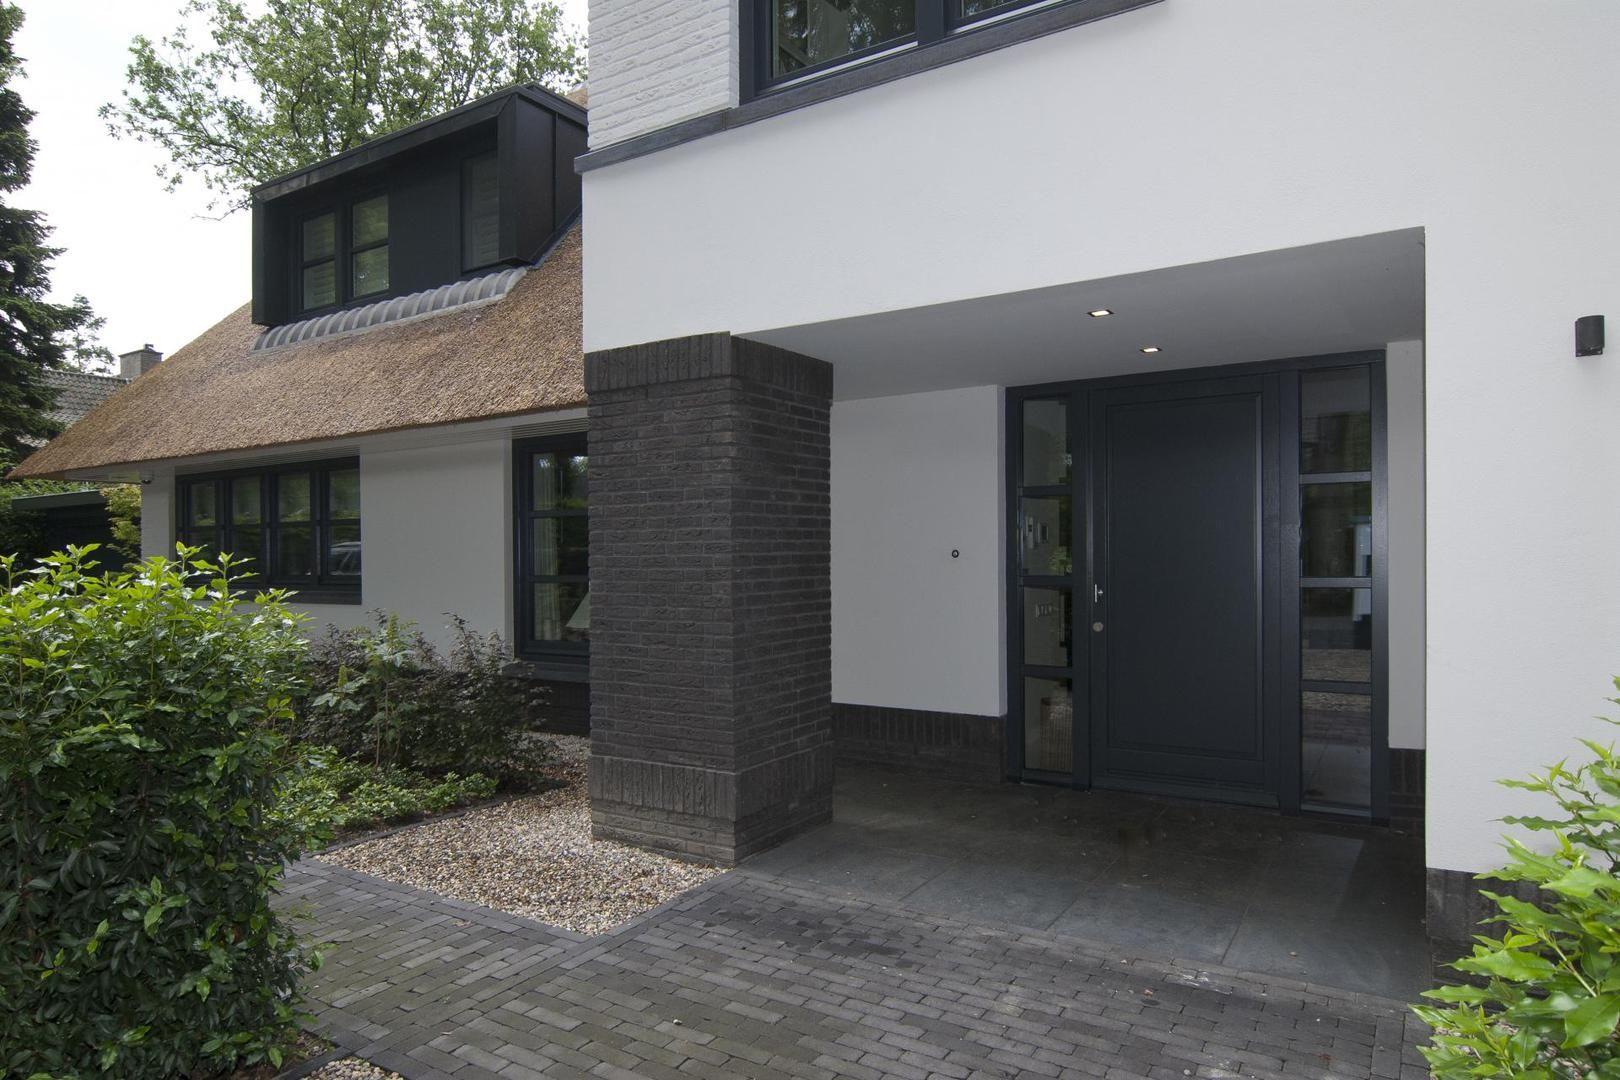 Villa blaricum 2 » bouw xs silverwonen design pinterest bouw